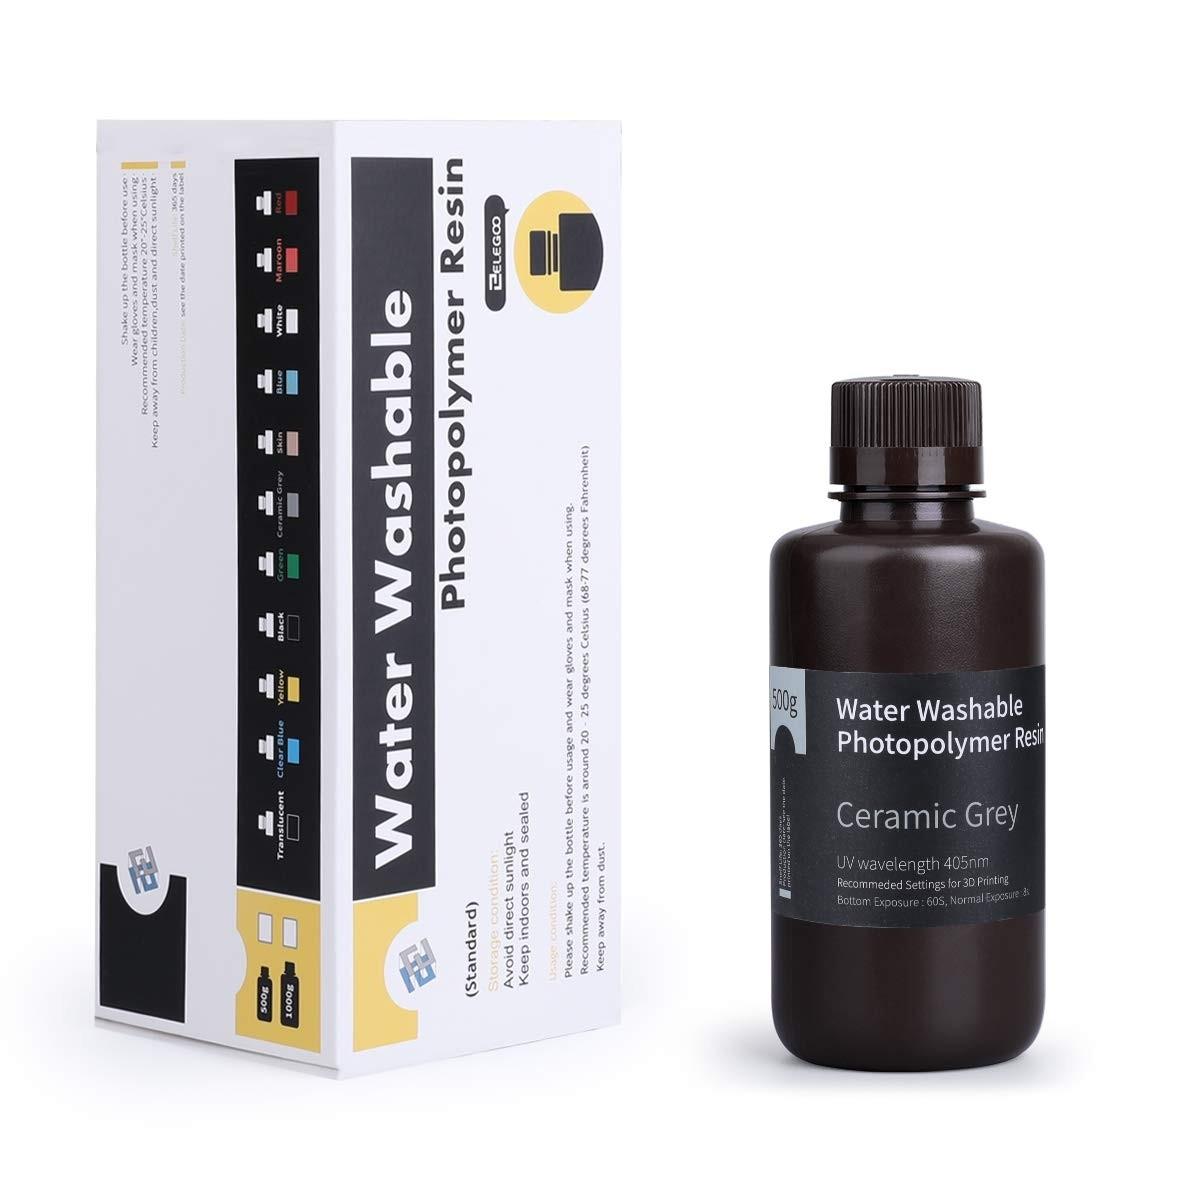 ELEGOO Water Washable 3D Printer Rapid Resin 500 Gram Ceramic Grey